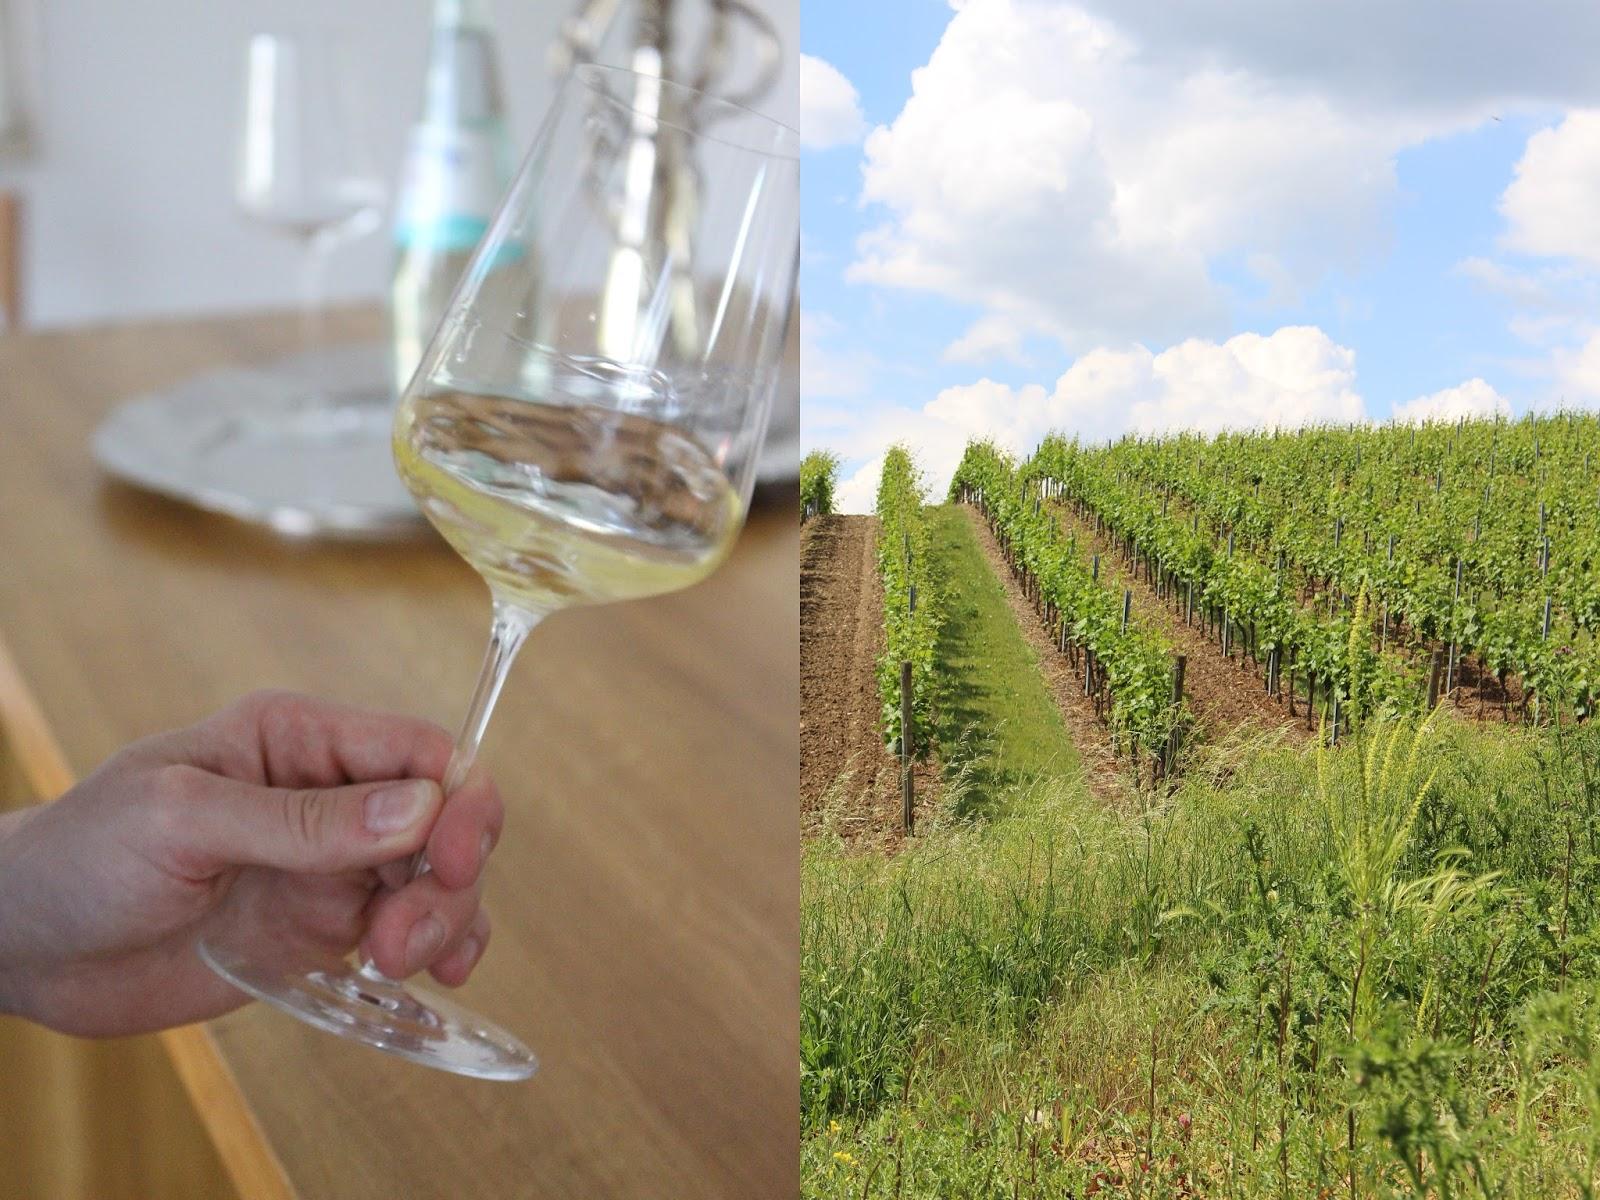 Ein Glas Weißwein und rheinhessische Weinberge